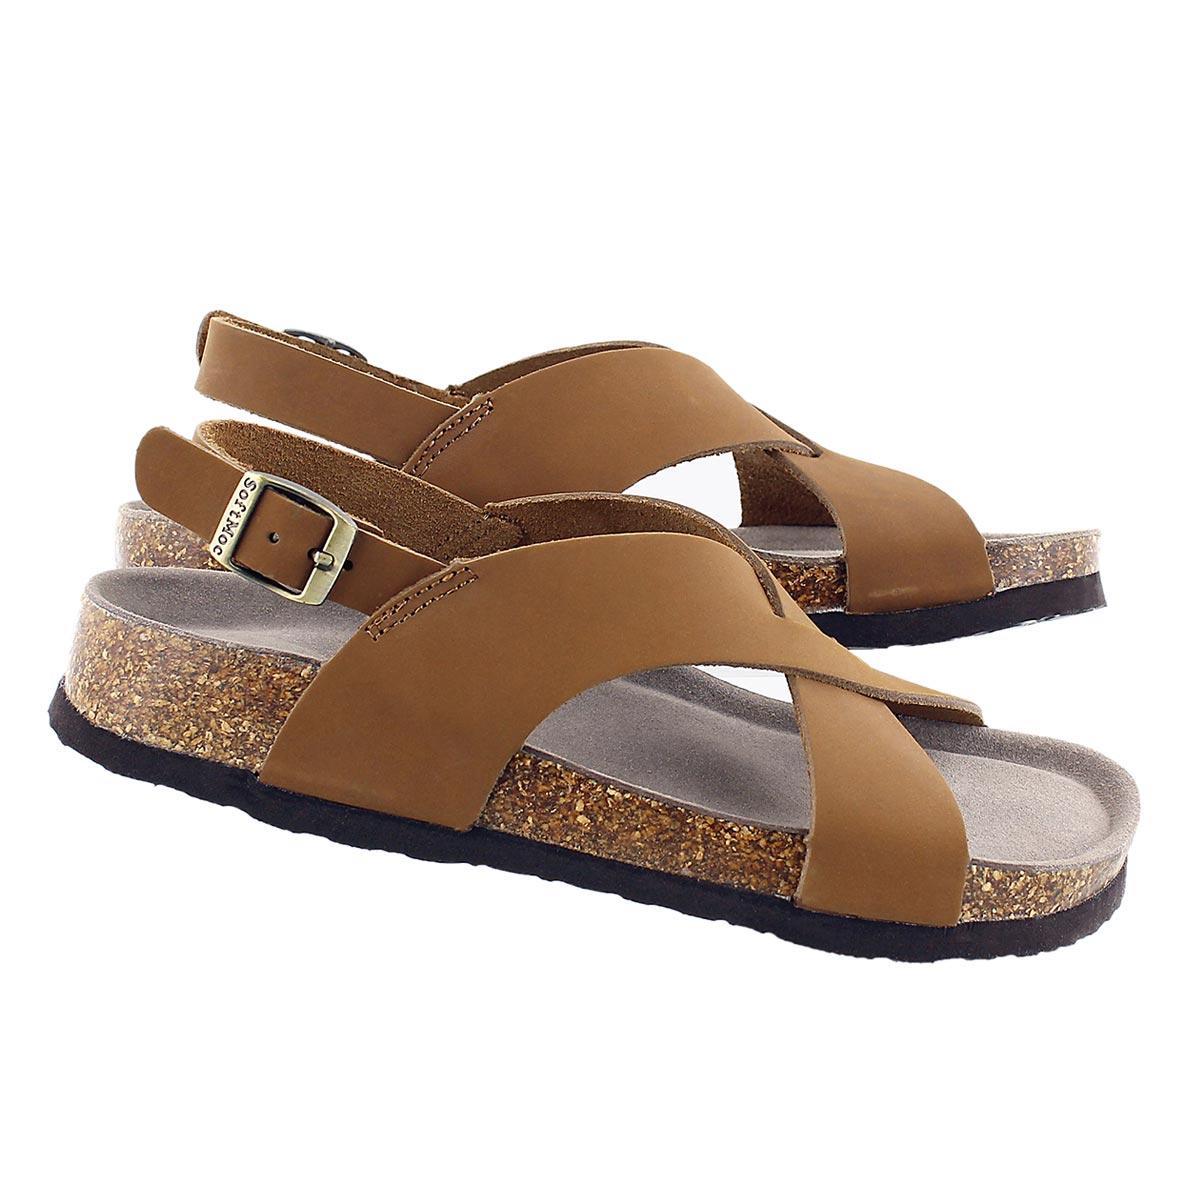 Lds Addy tan crzy memory foam sandal